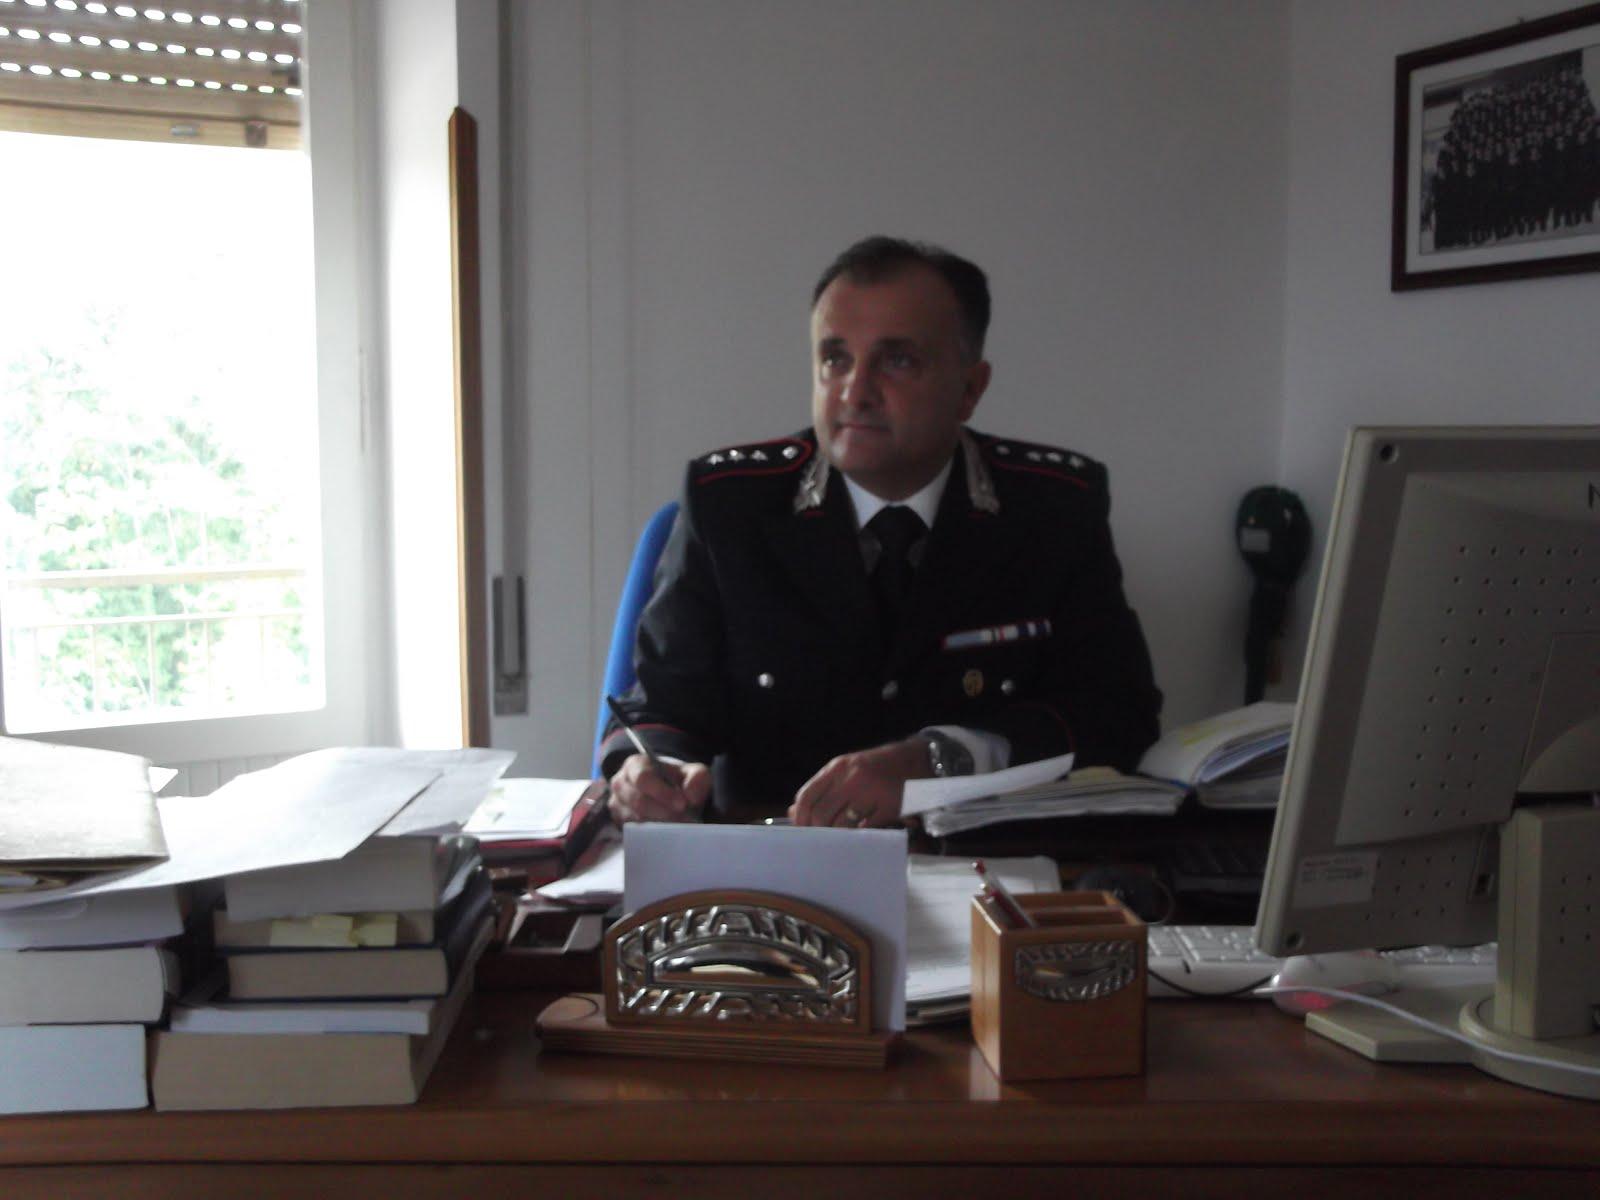 Smaltimento Rifiuti Sessa Aurunca sessa aurunca. operazione di servizio dei carabinieri della